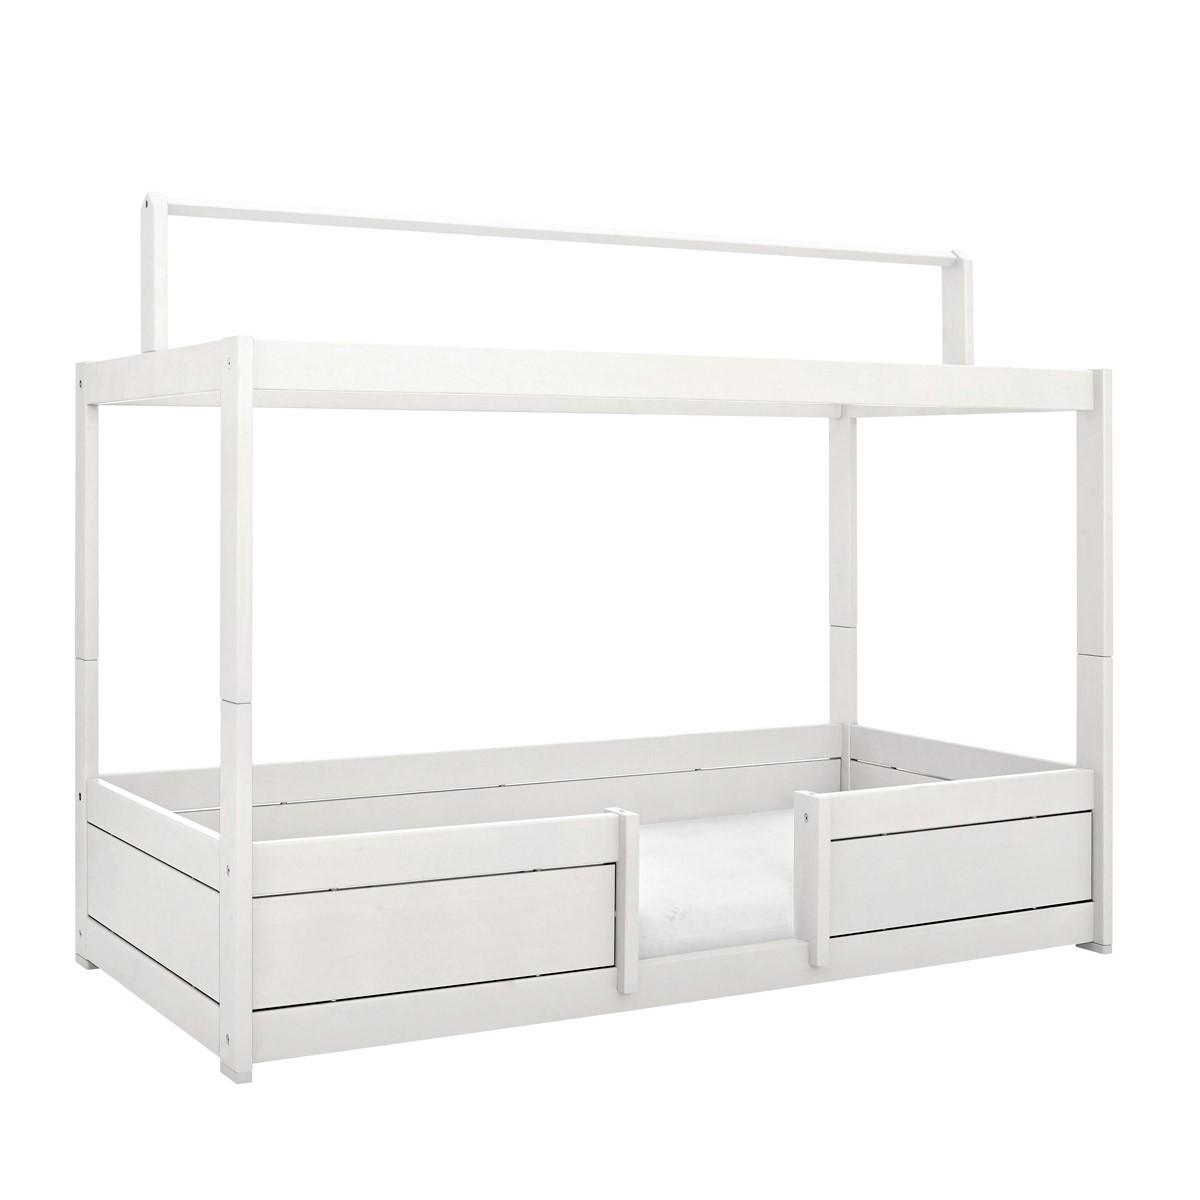 Lifetime 4 in Bett mit Dachkonstruktion in deckend weiß